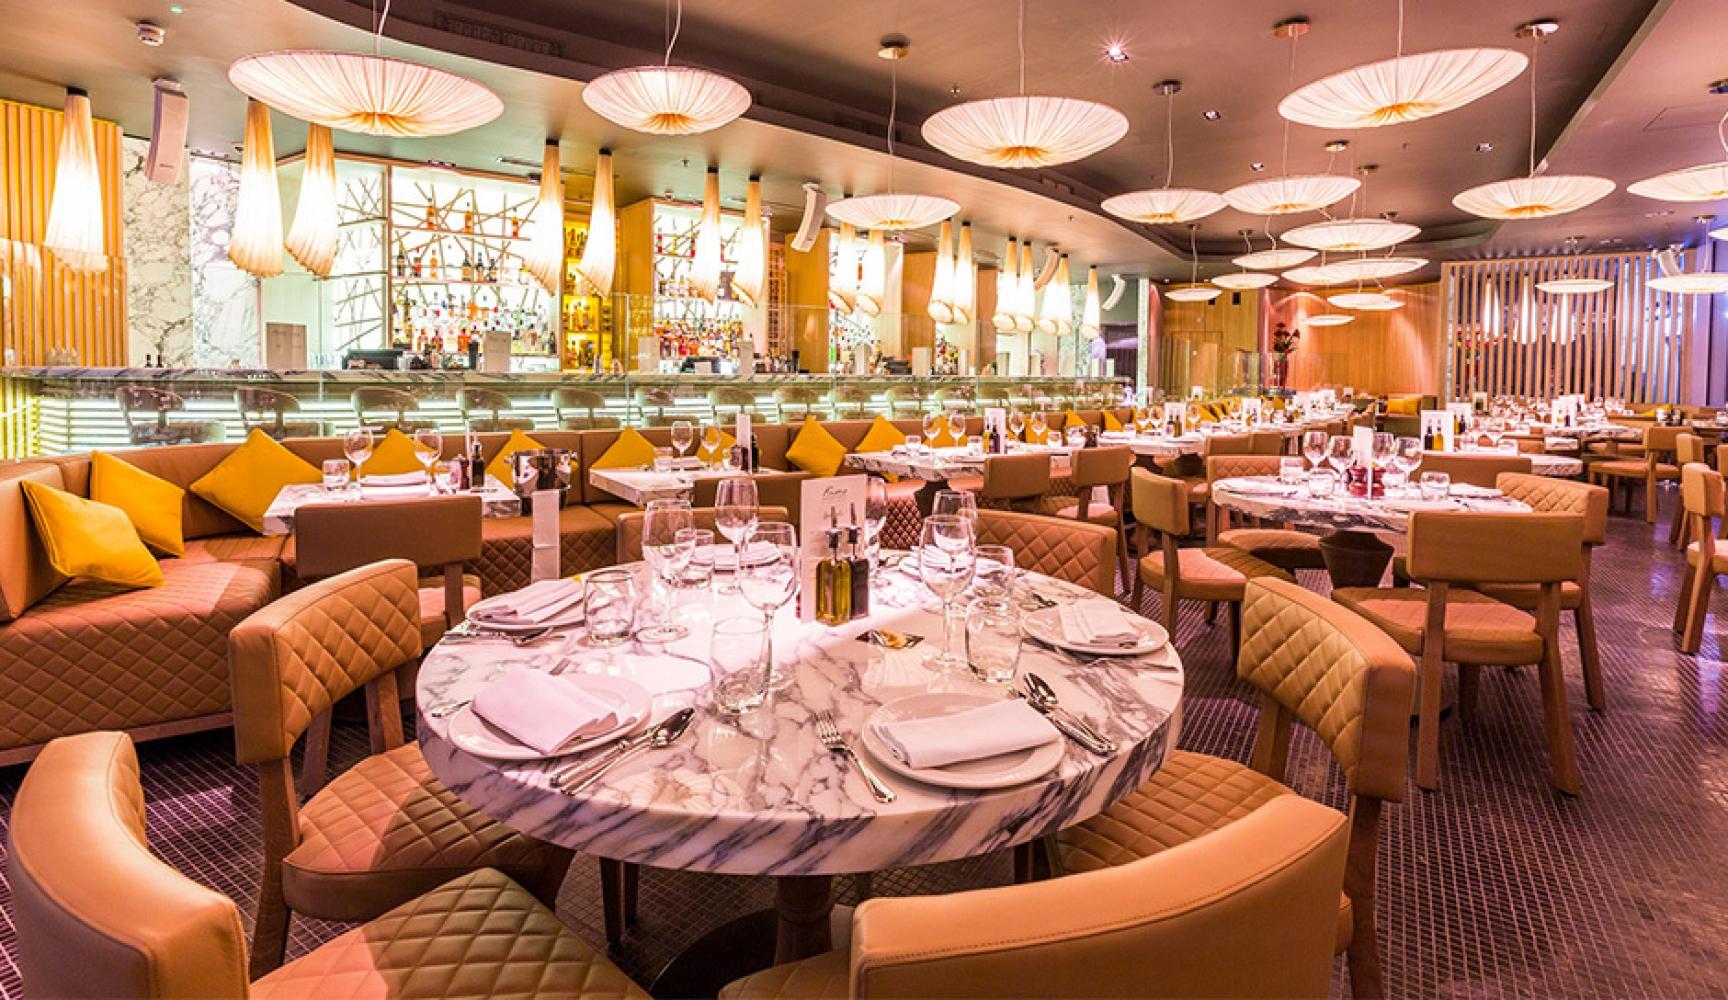 King Street Manchester Italian Restaurant